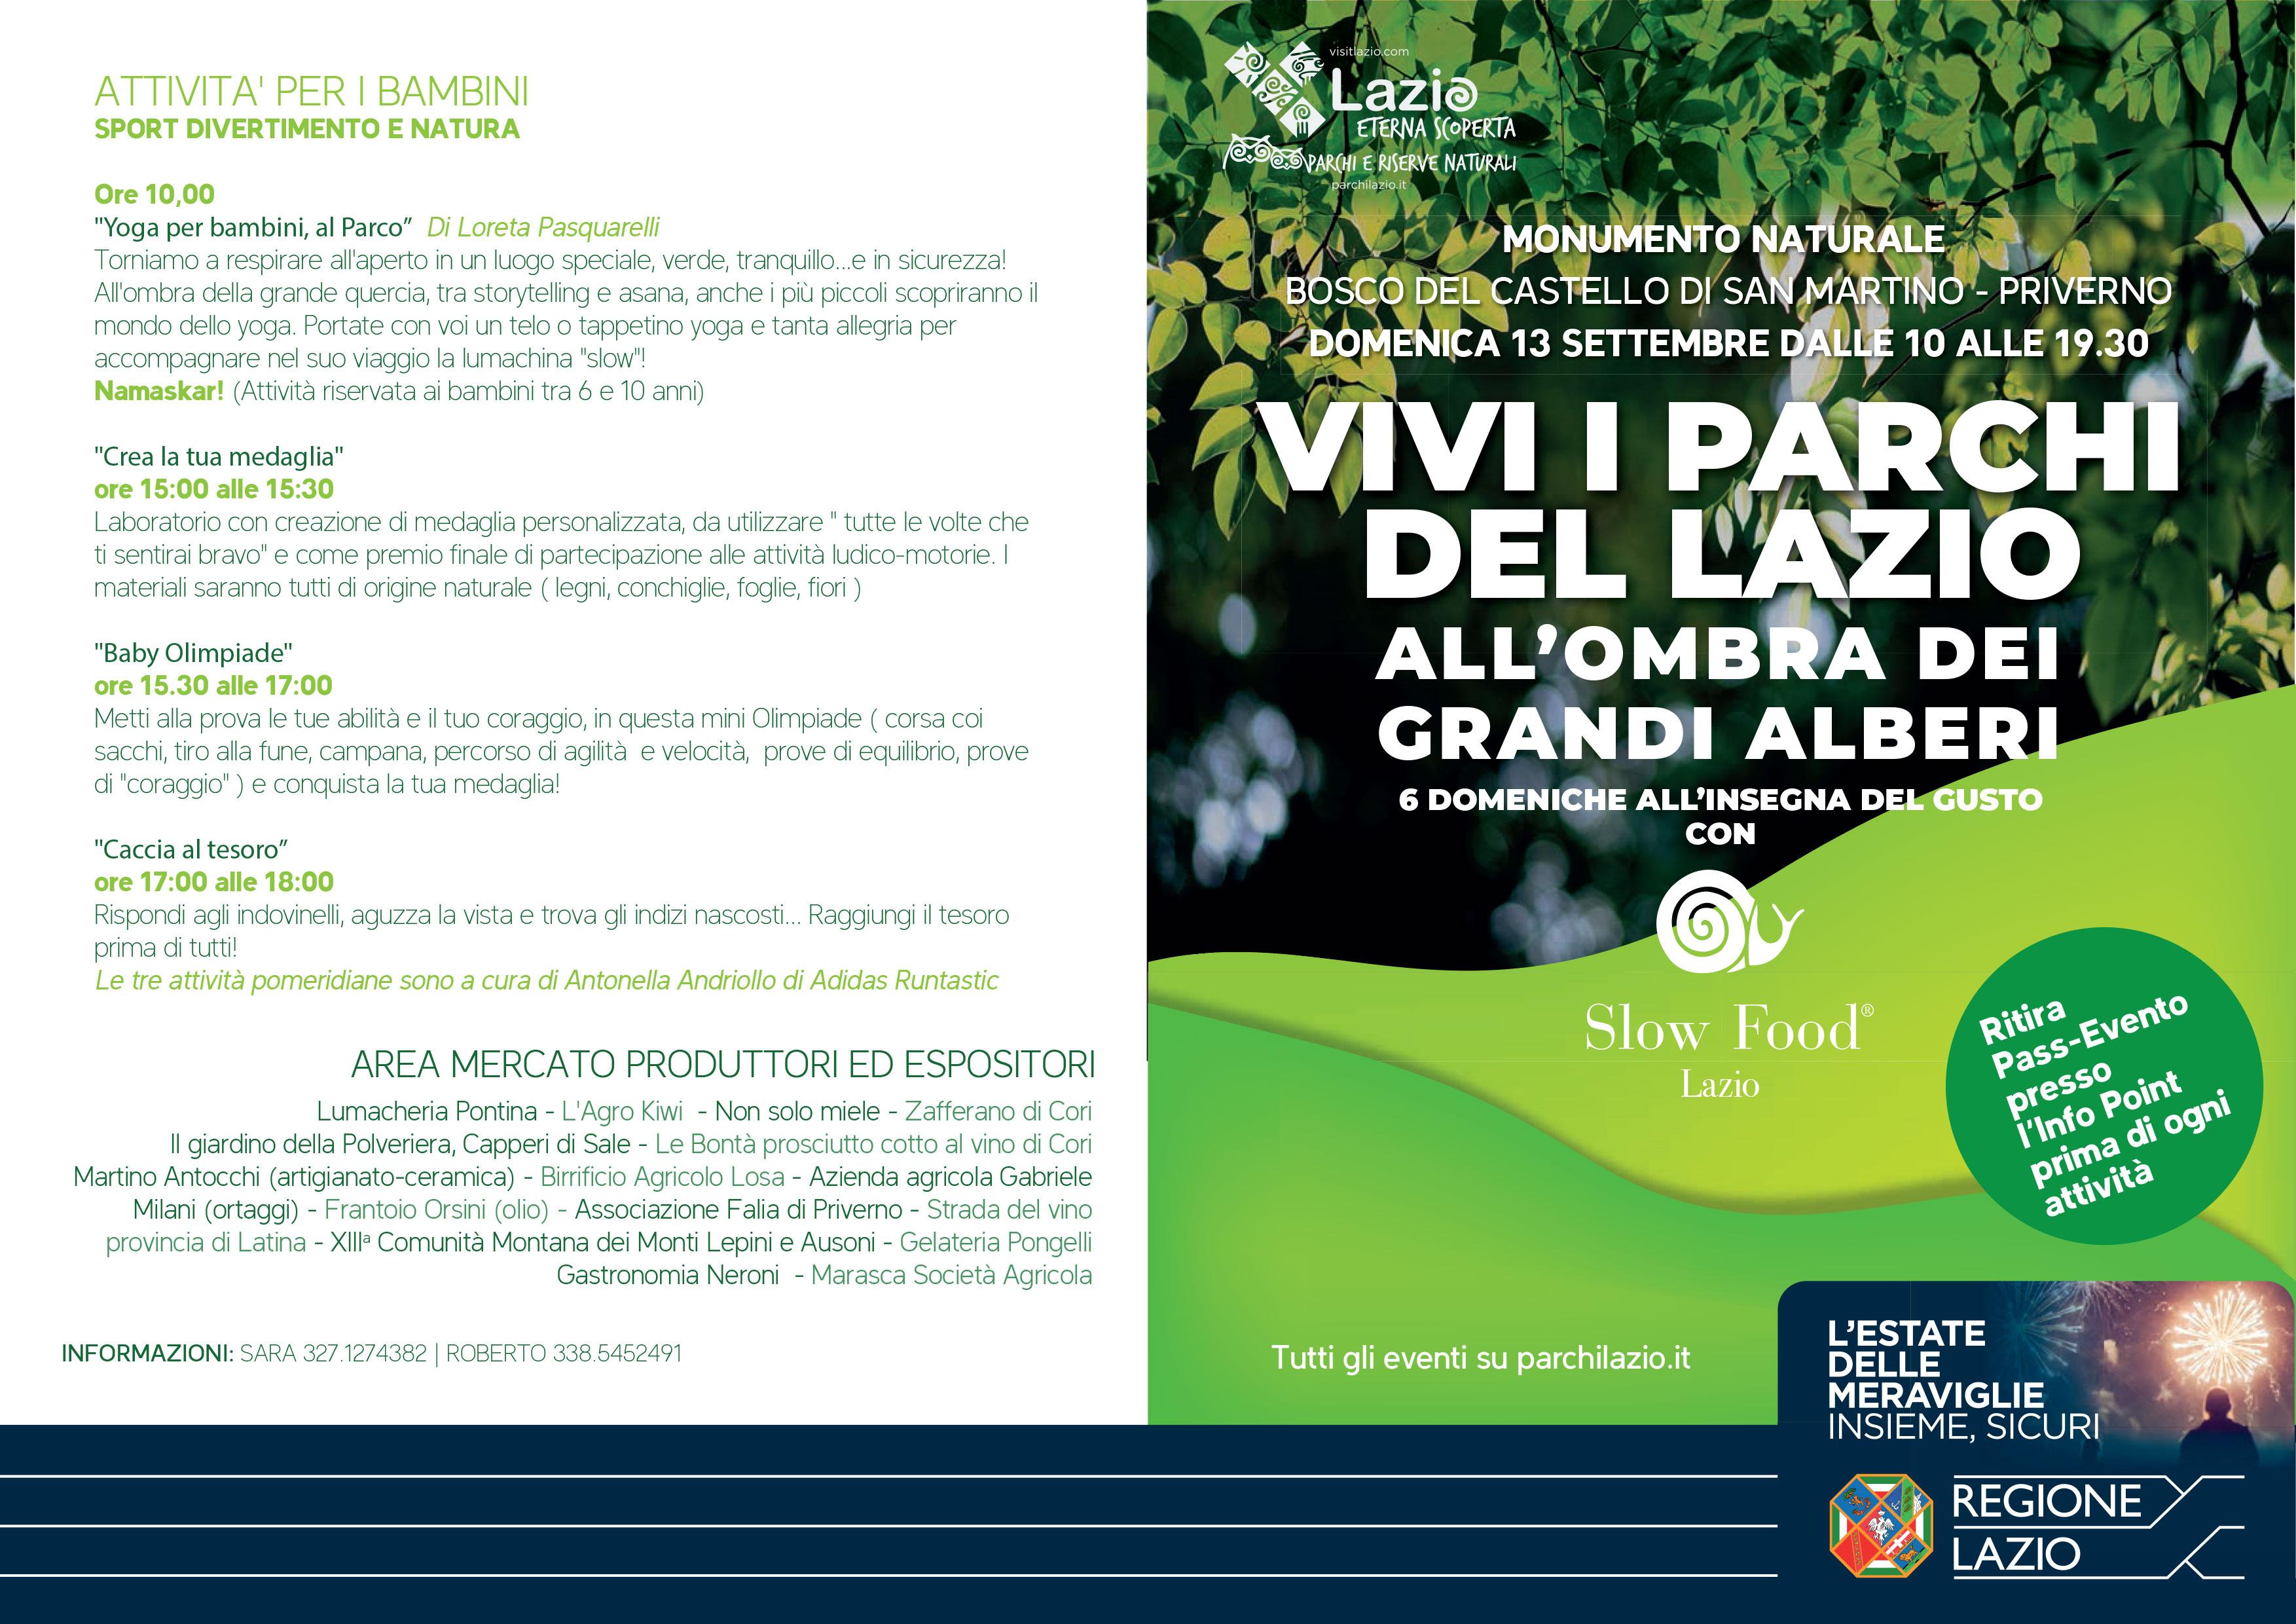 Priverno: Vivi i parchi del Lazio @ Priverno